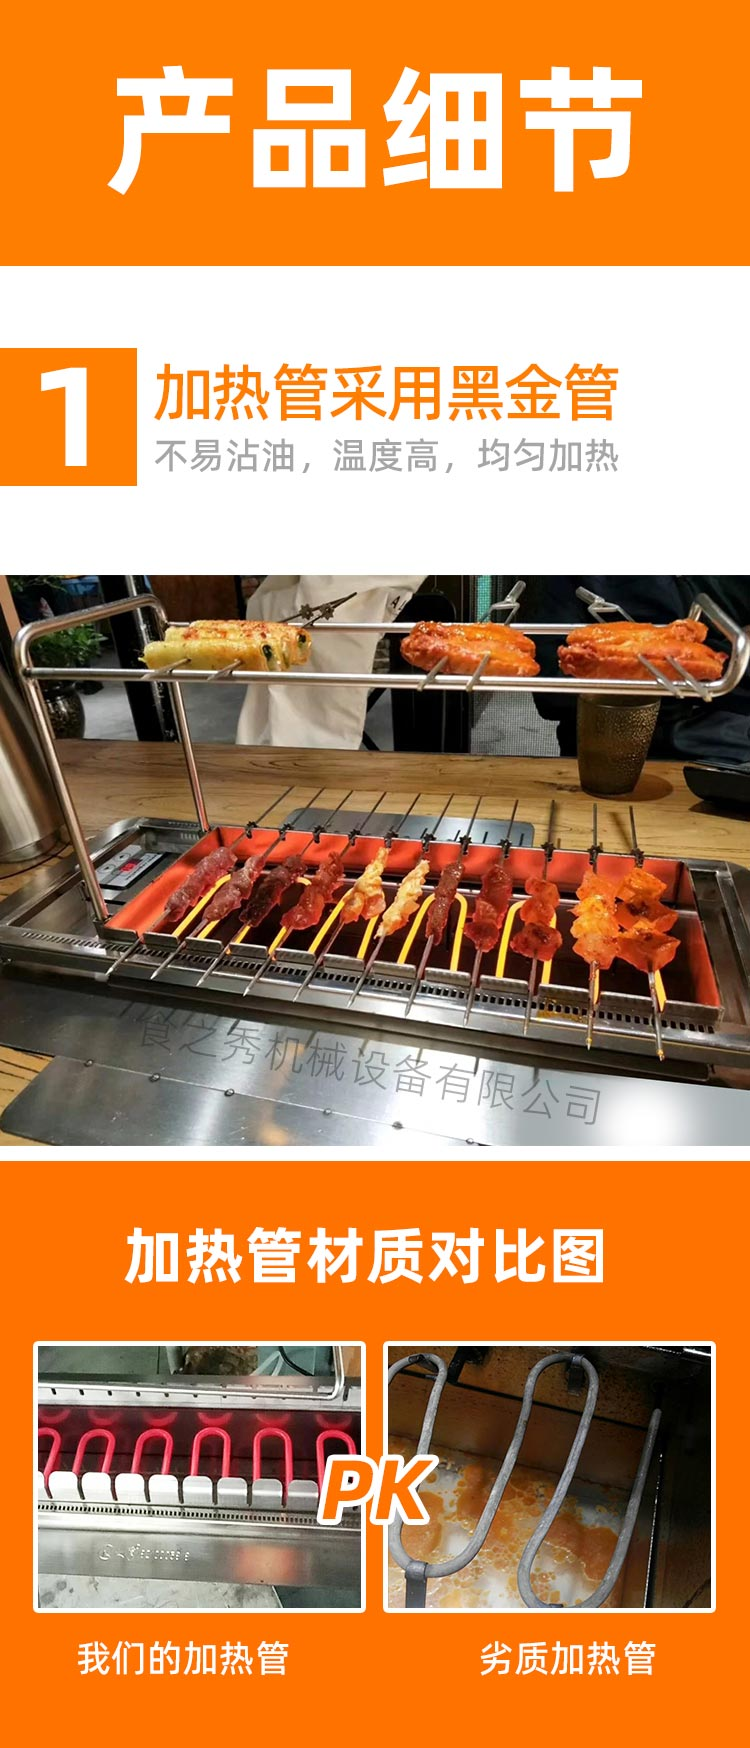 食之秀电烤炉,自动电烤炉,商用电烤炉